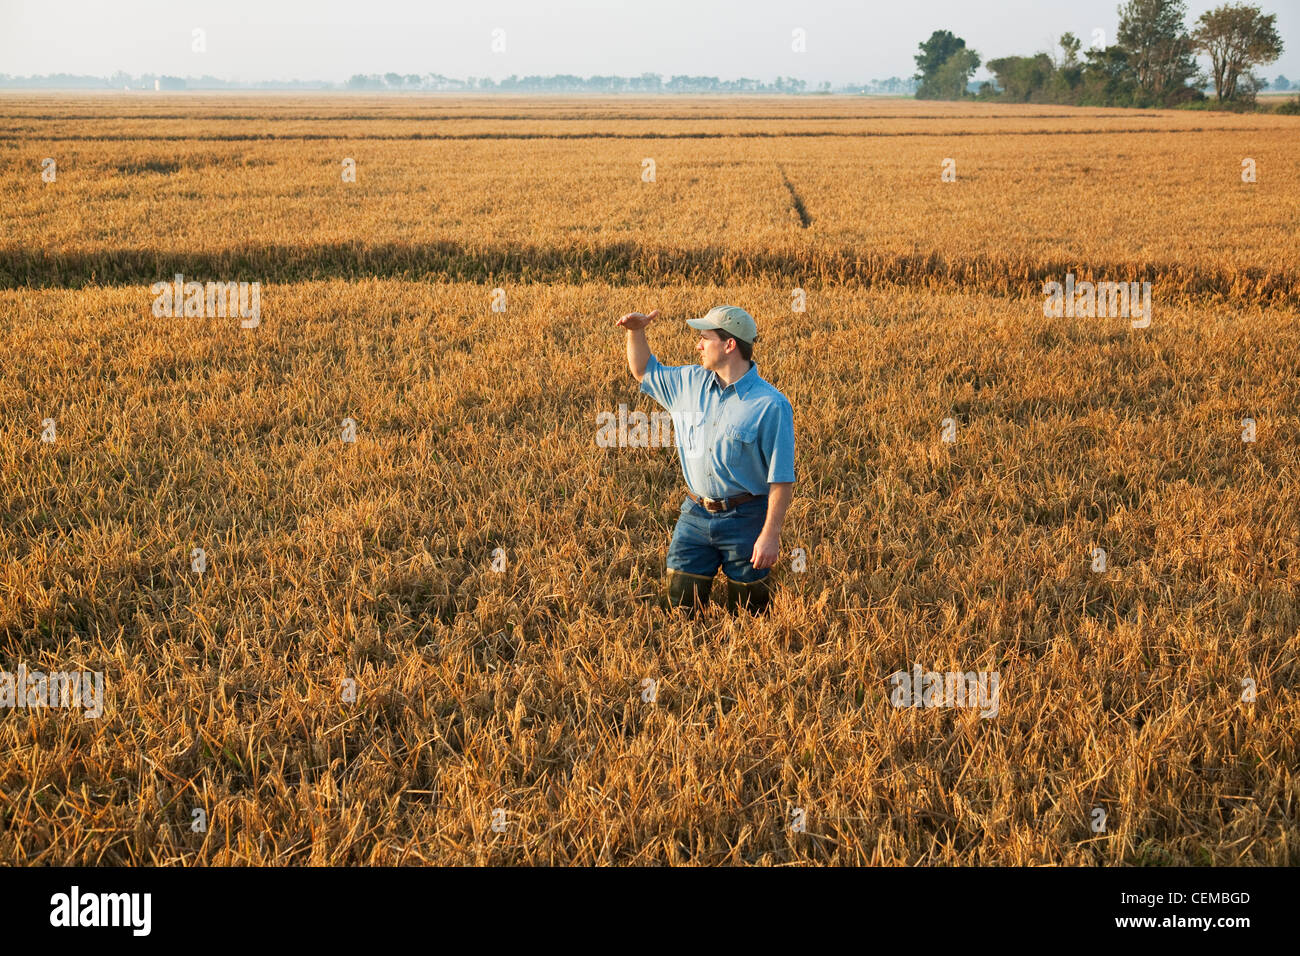 Un contadino (coltivatore) in piedi nel suo campo ispeziona il suo quasi maturi il raccolto di riso al fine di determinare Immagini Stock